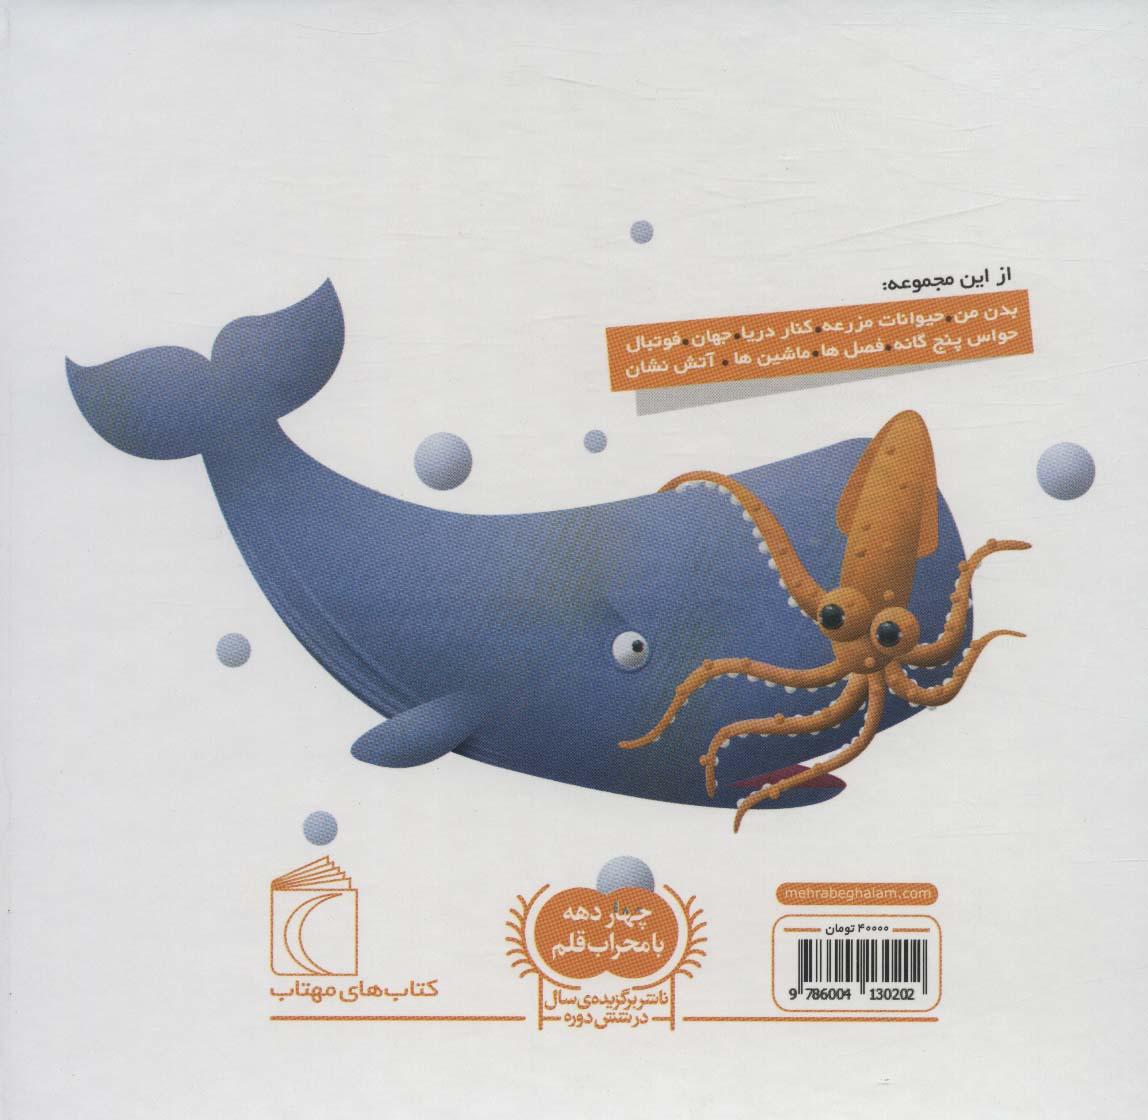 دایره المعارف کوچک من 2 (درباره ی دلفین ها و وال ها)